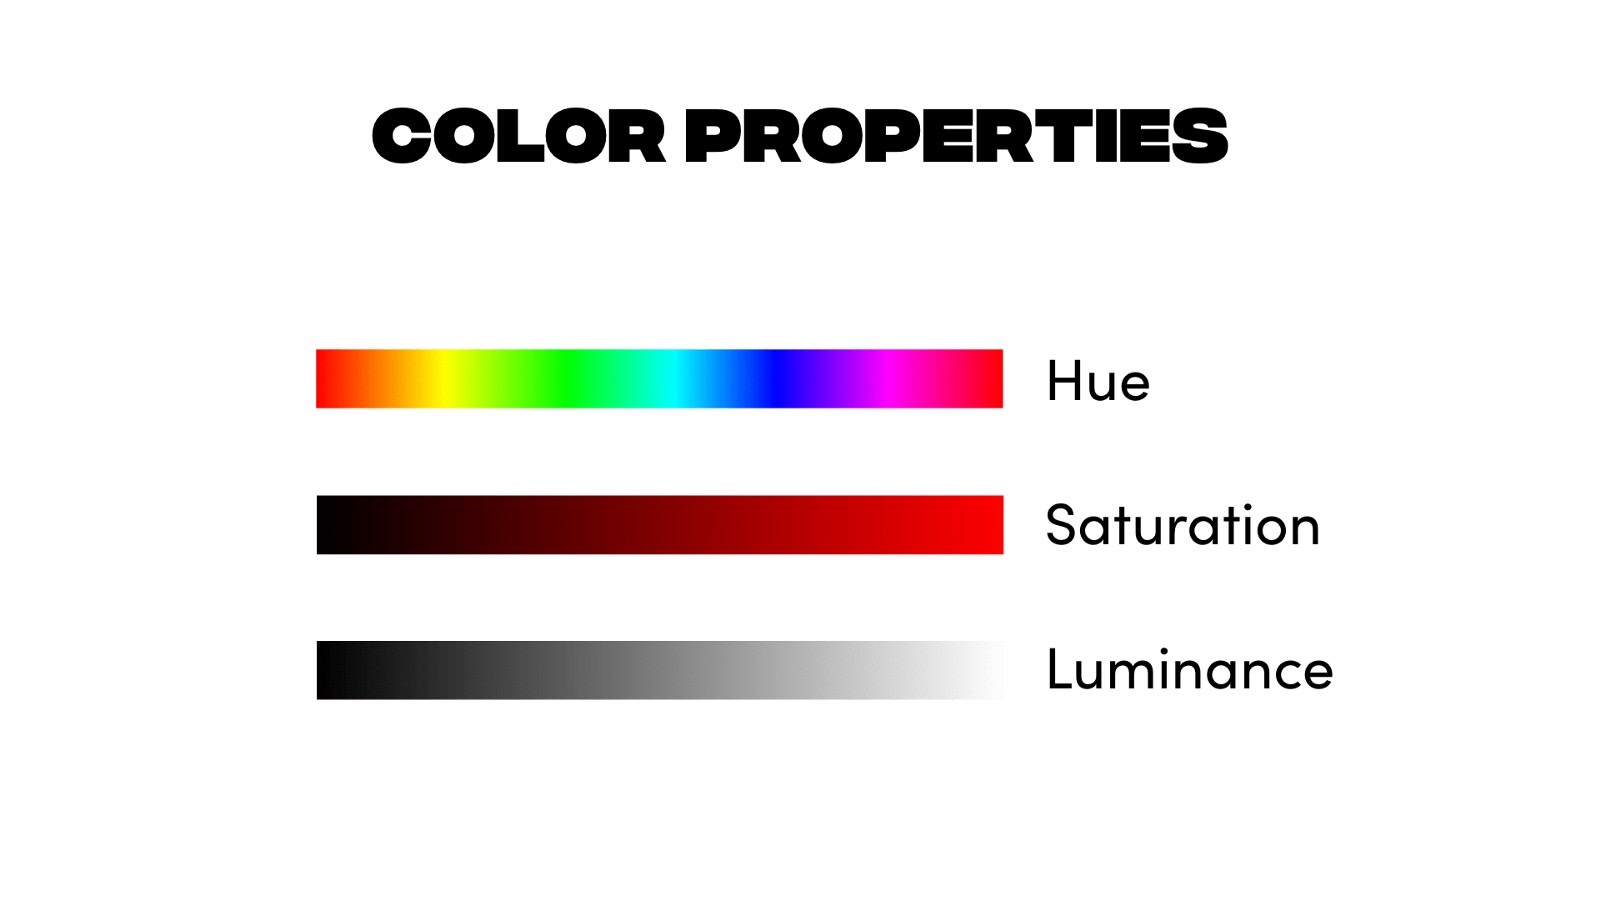 Hue, saturation, and luminance